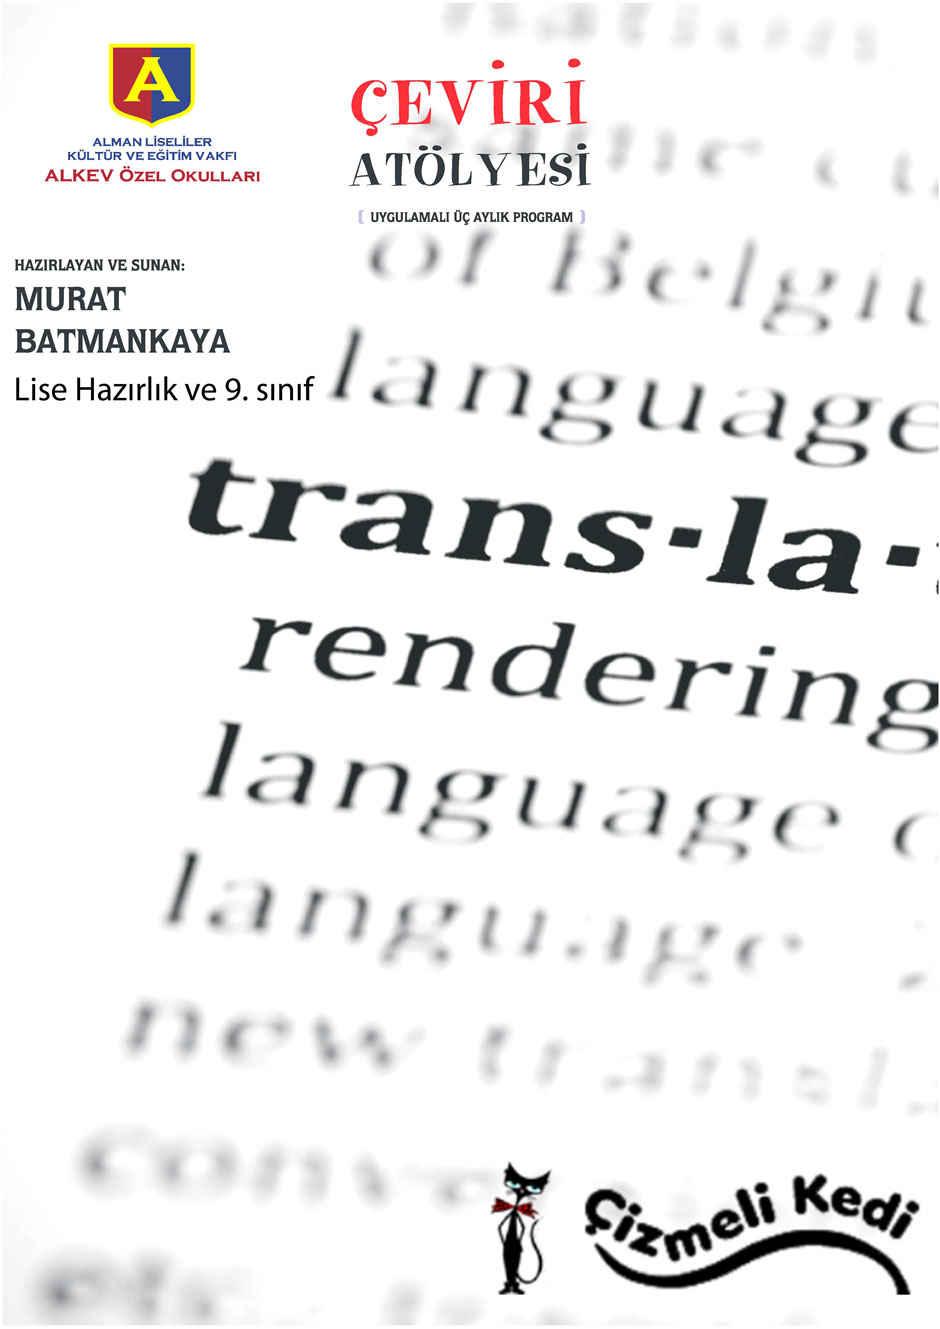 Çeviri Atölyesi